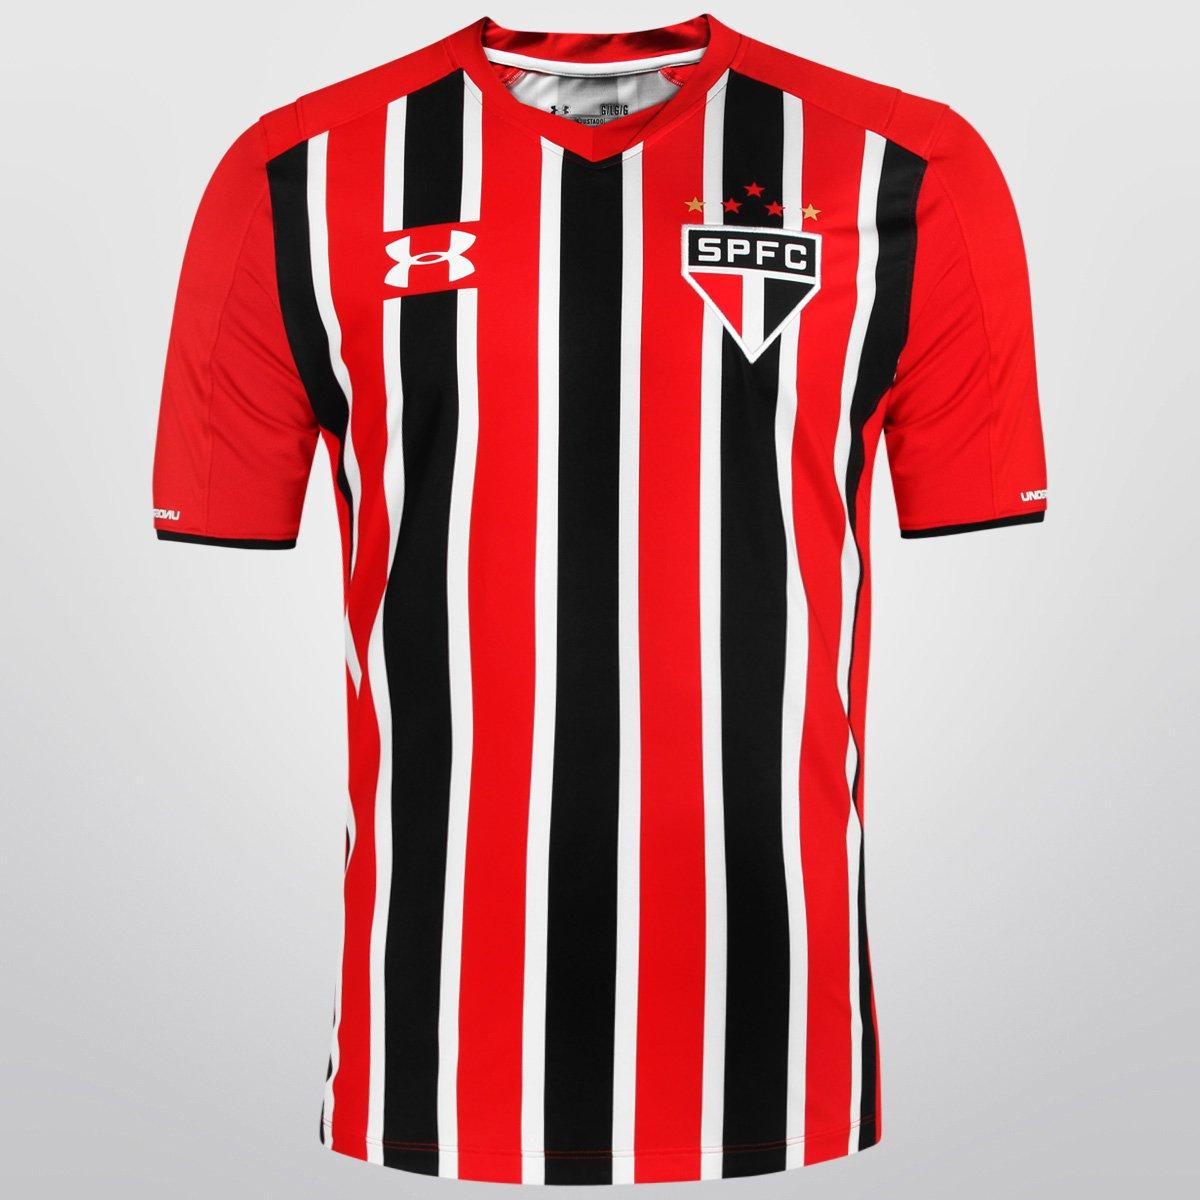 3f0ac1411d Camisa São Paulo II 15 16 s nº - Torcedor Under Armour Masculina - Compre  Agora